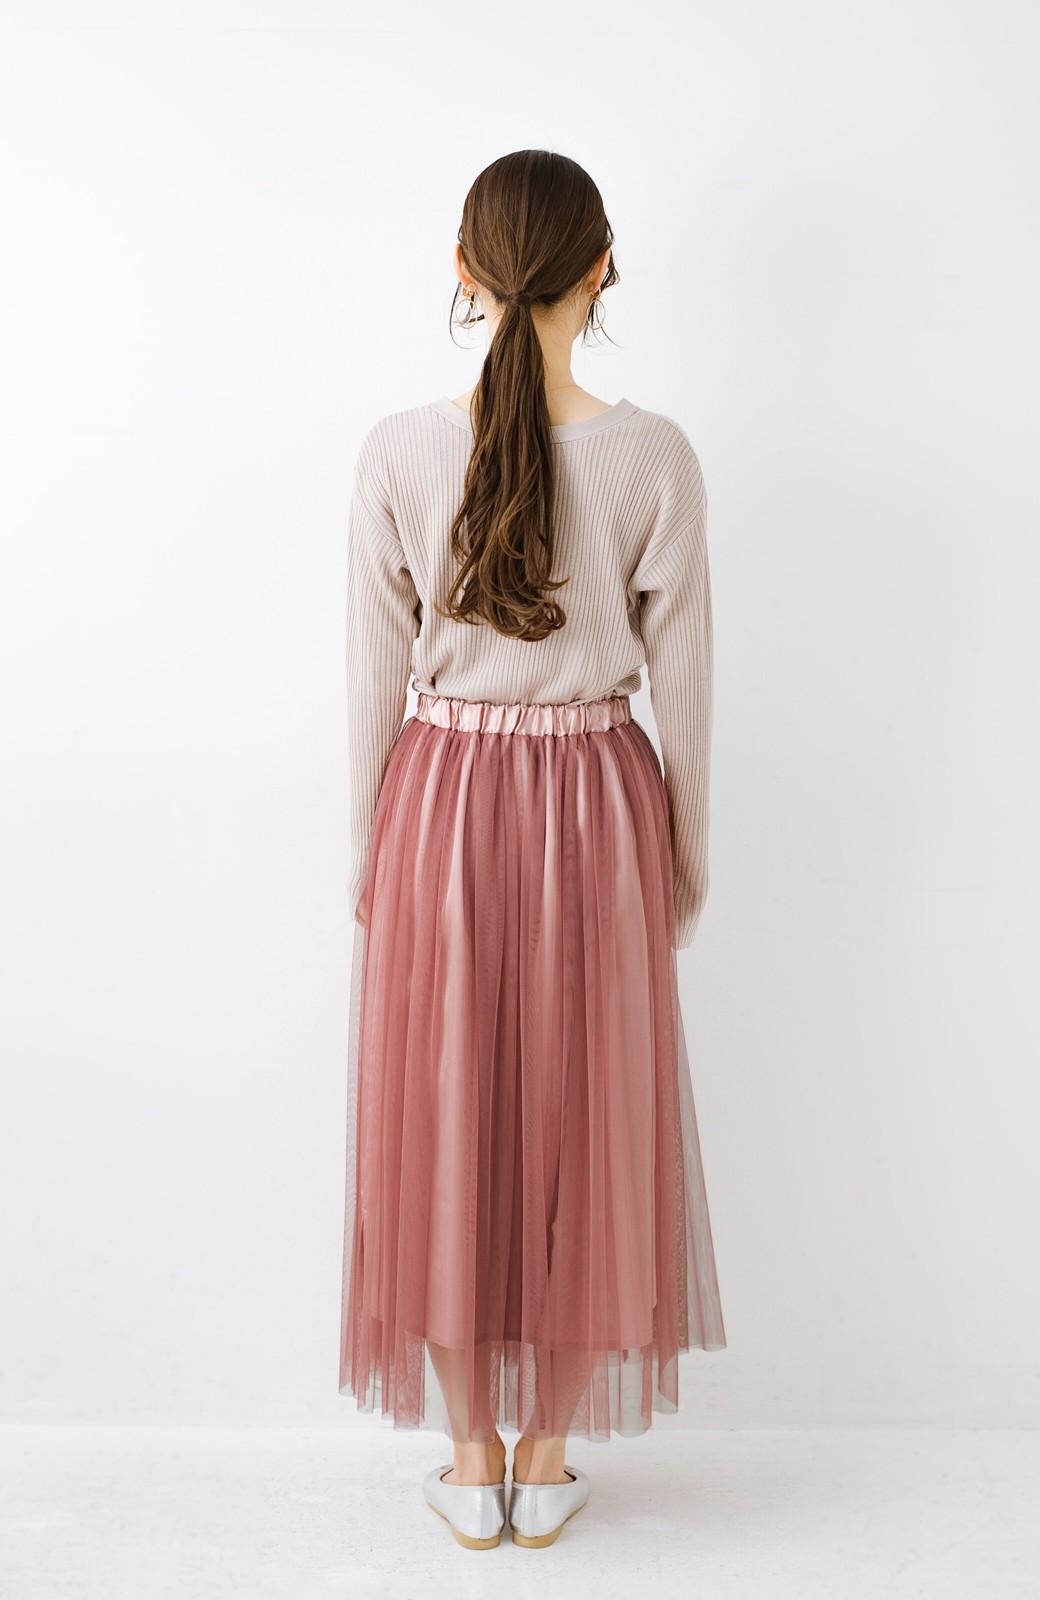 haco! 着るだけでルンとした気分になる! 長ーーい季節着られてずっと使えるオトナのためのチュールスカート <ピンク>の商品写真20